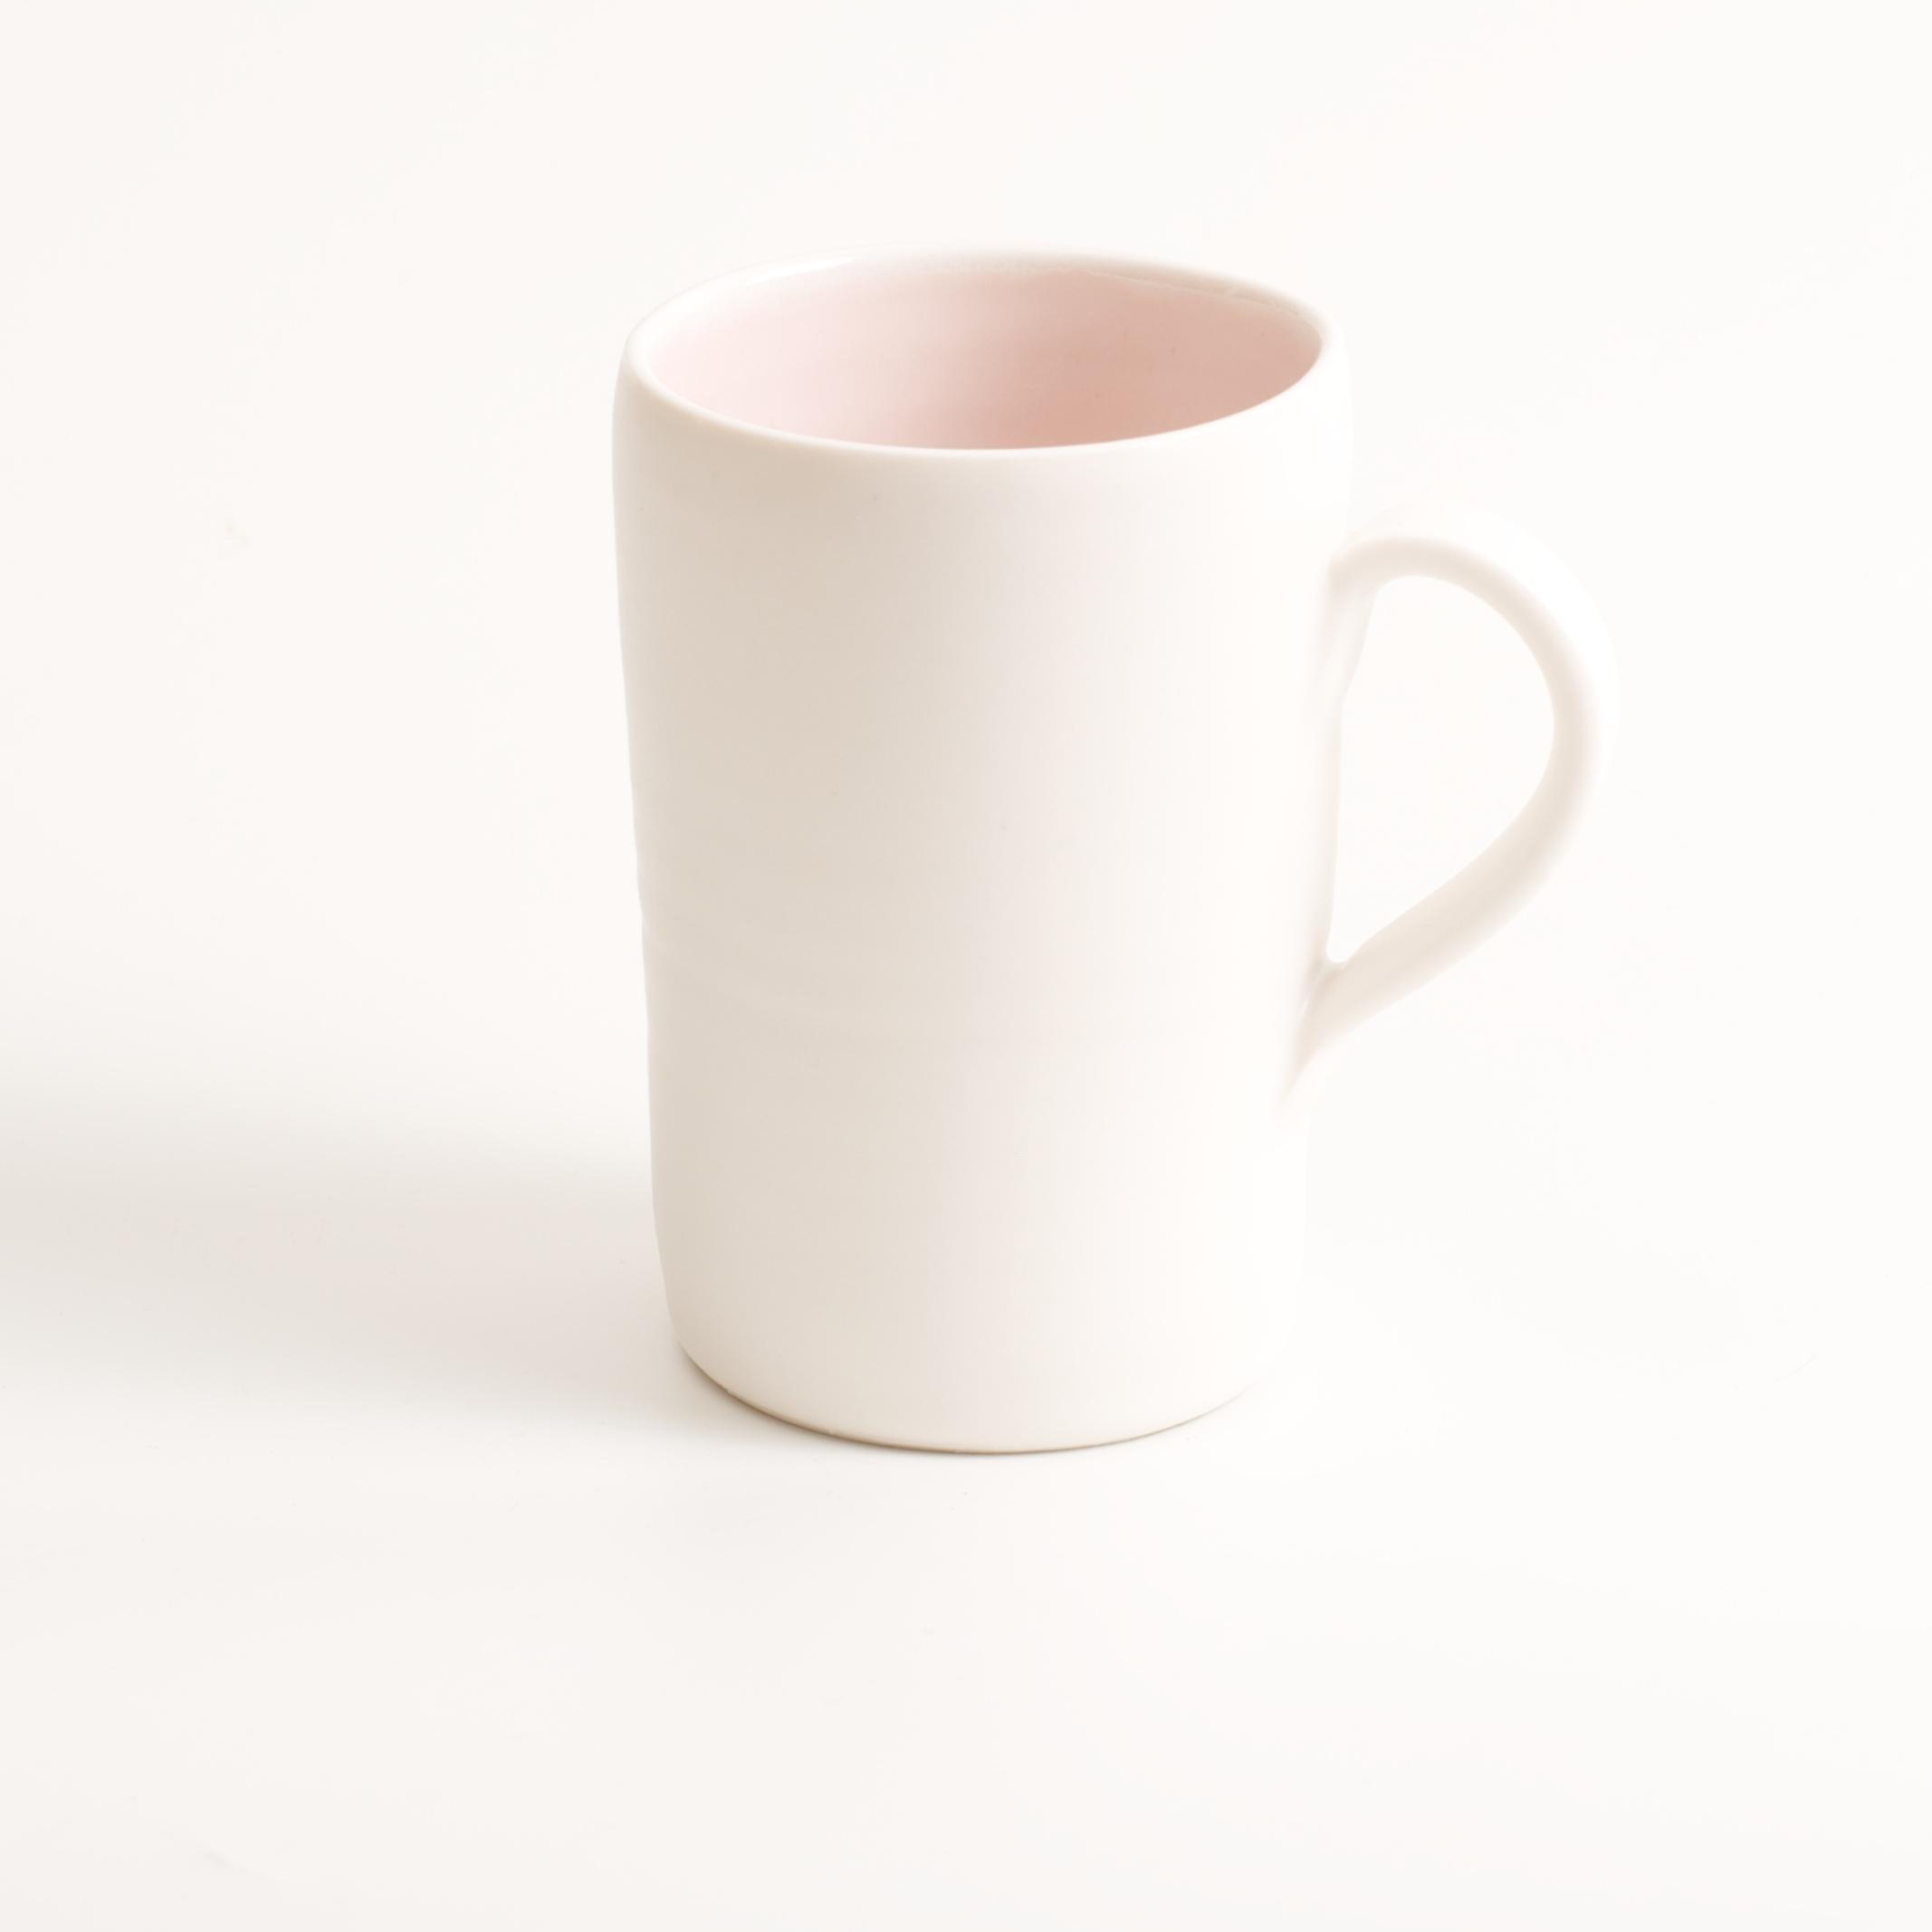 Handmade mug - Linda Bloomfield